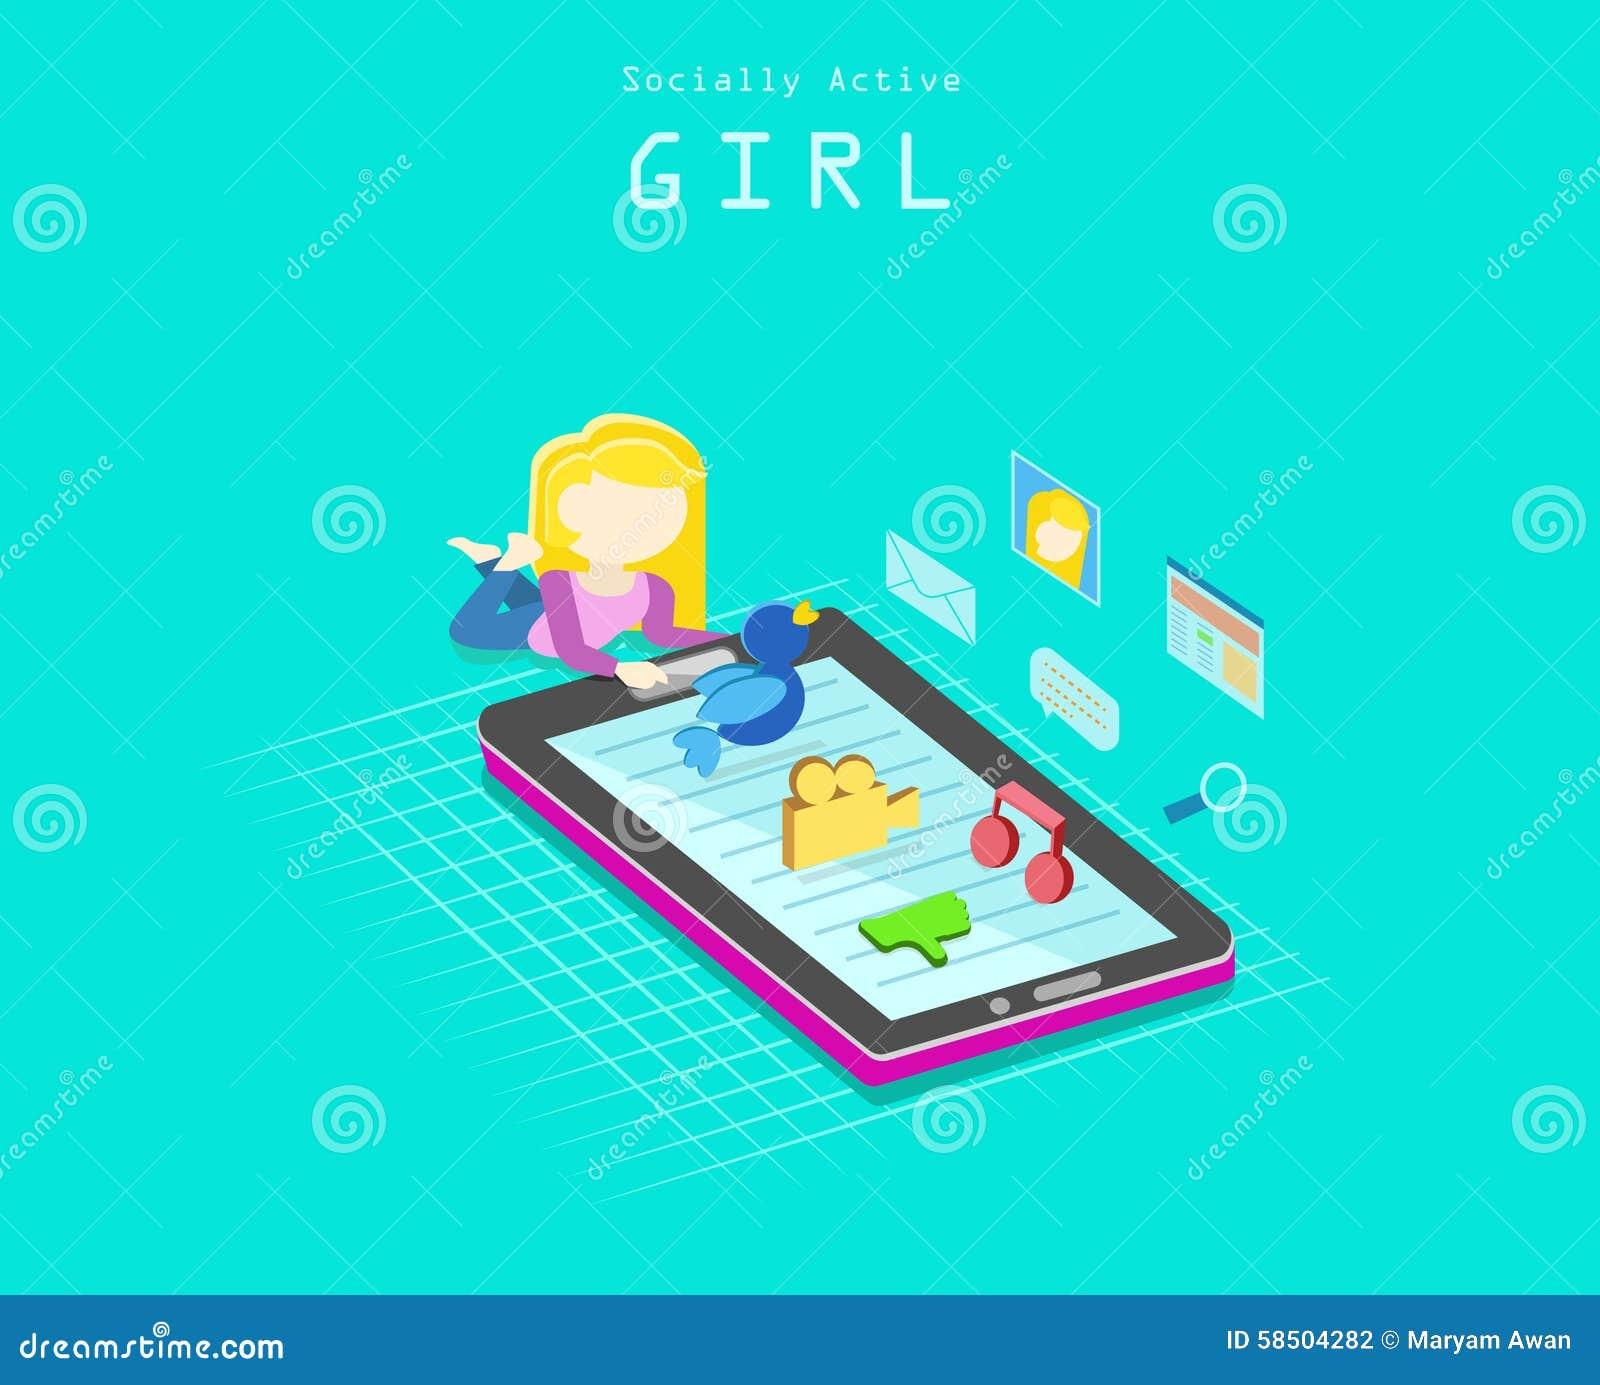 Социально активная девушка